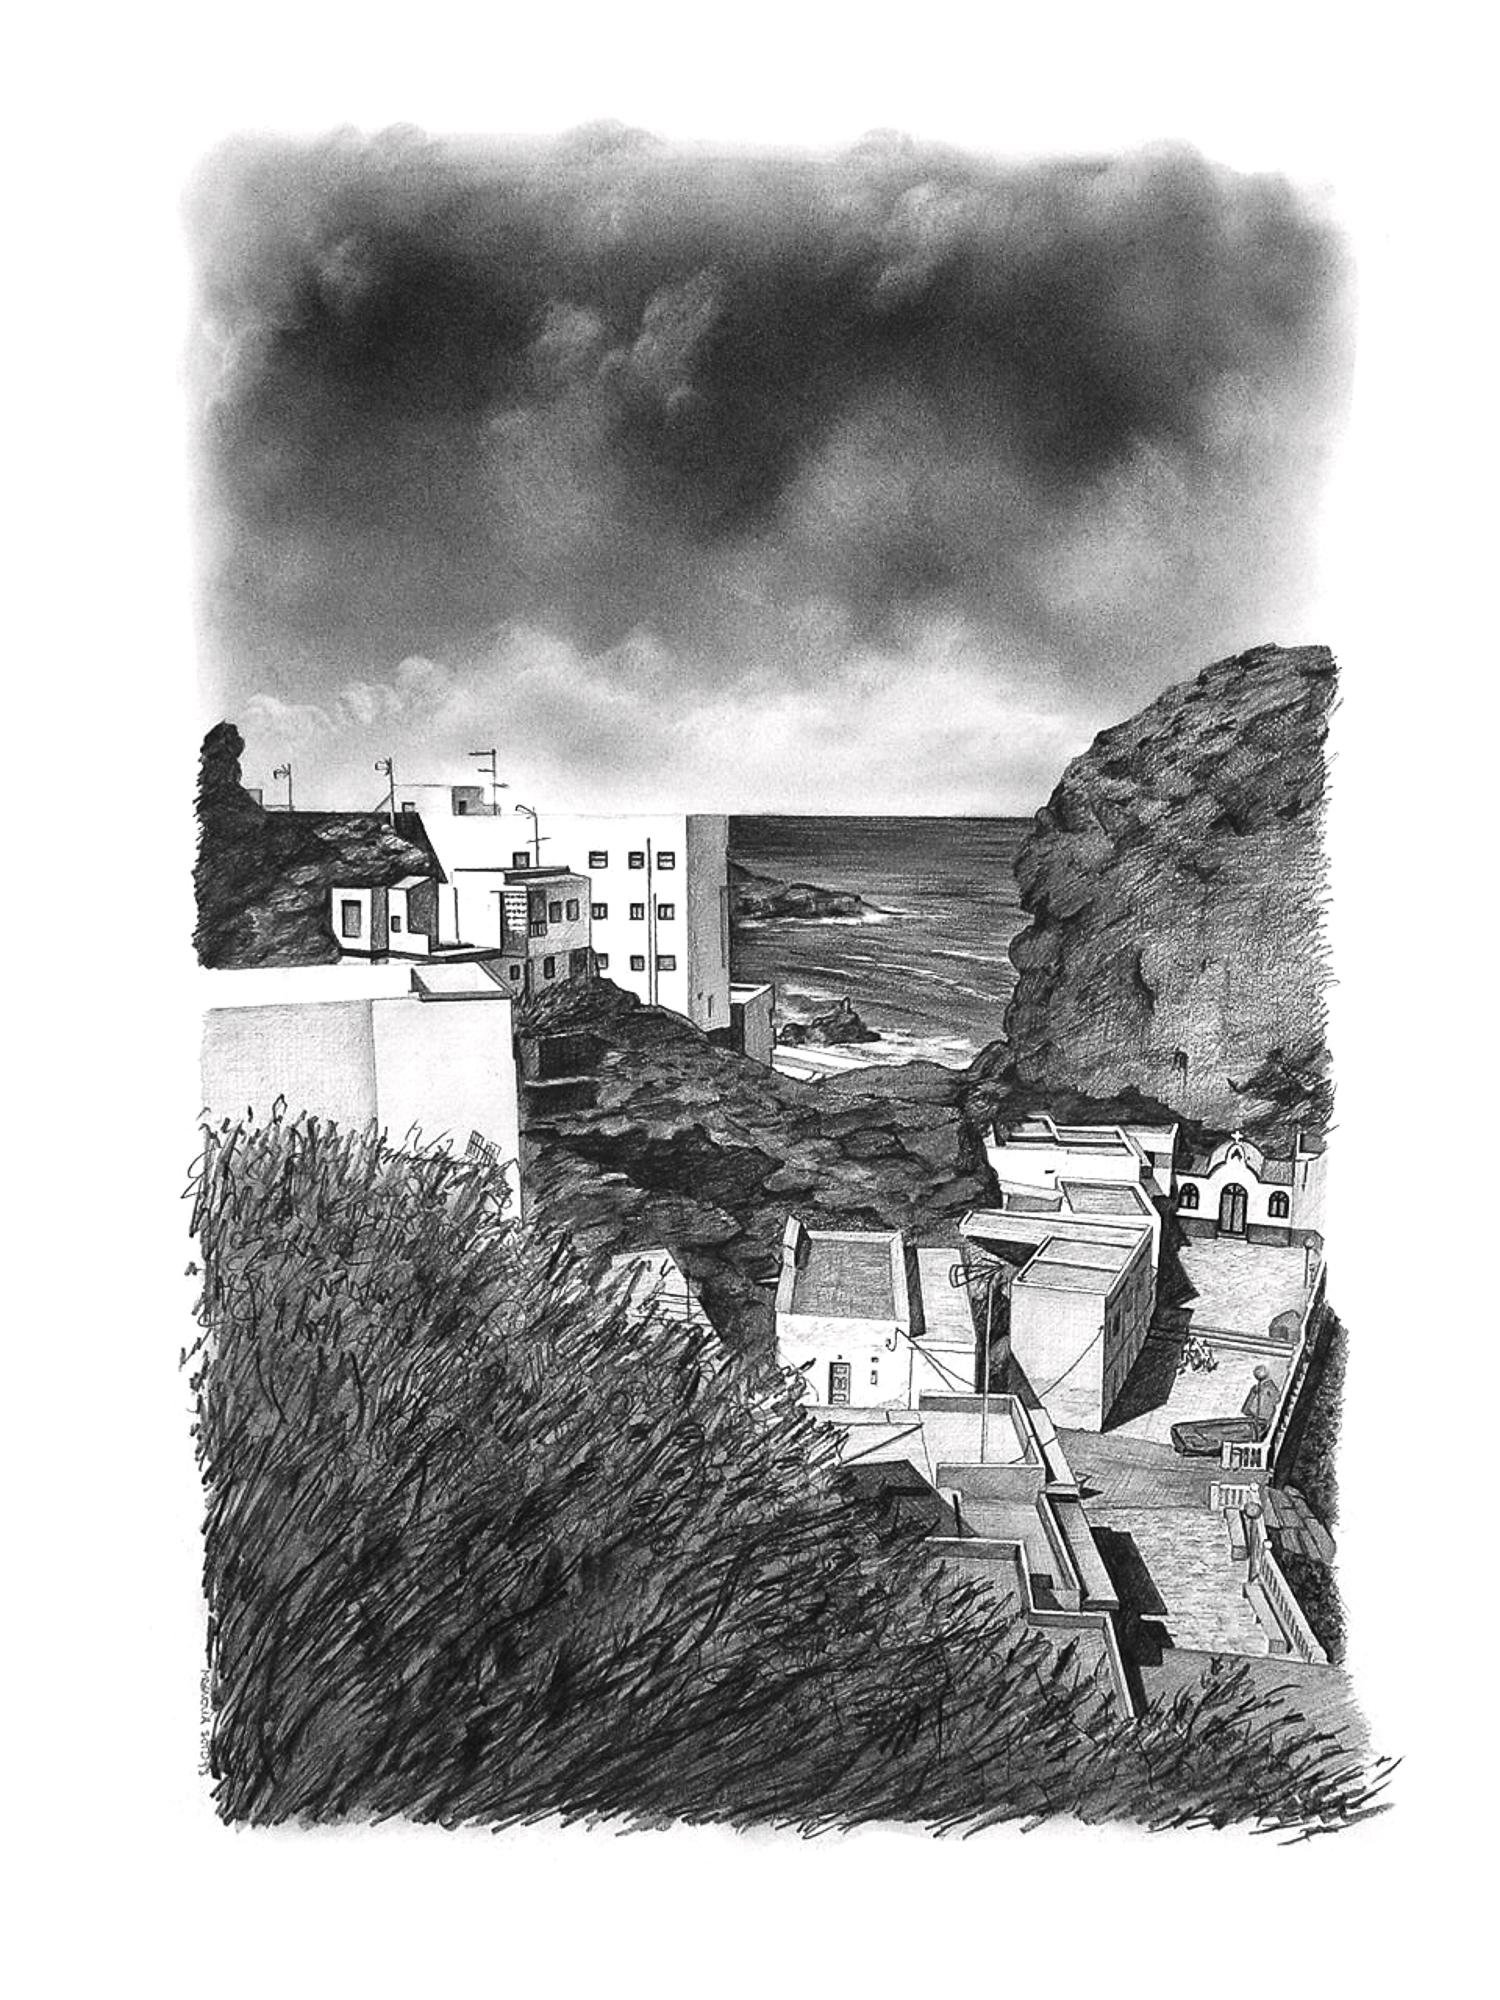 Magnolia Soto. Paisaje Canario 24. 1998. Grafito sobre papel. 50 x 37 cm.